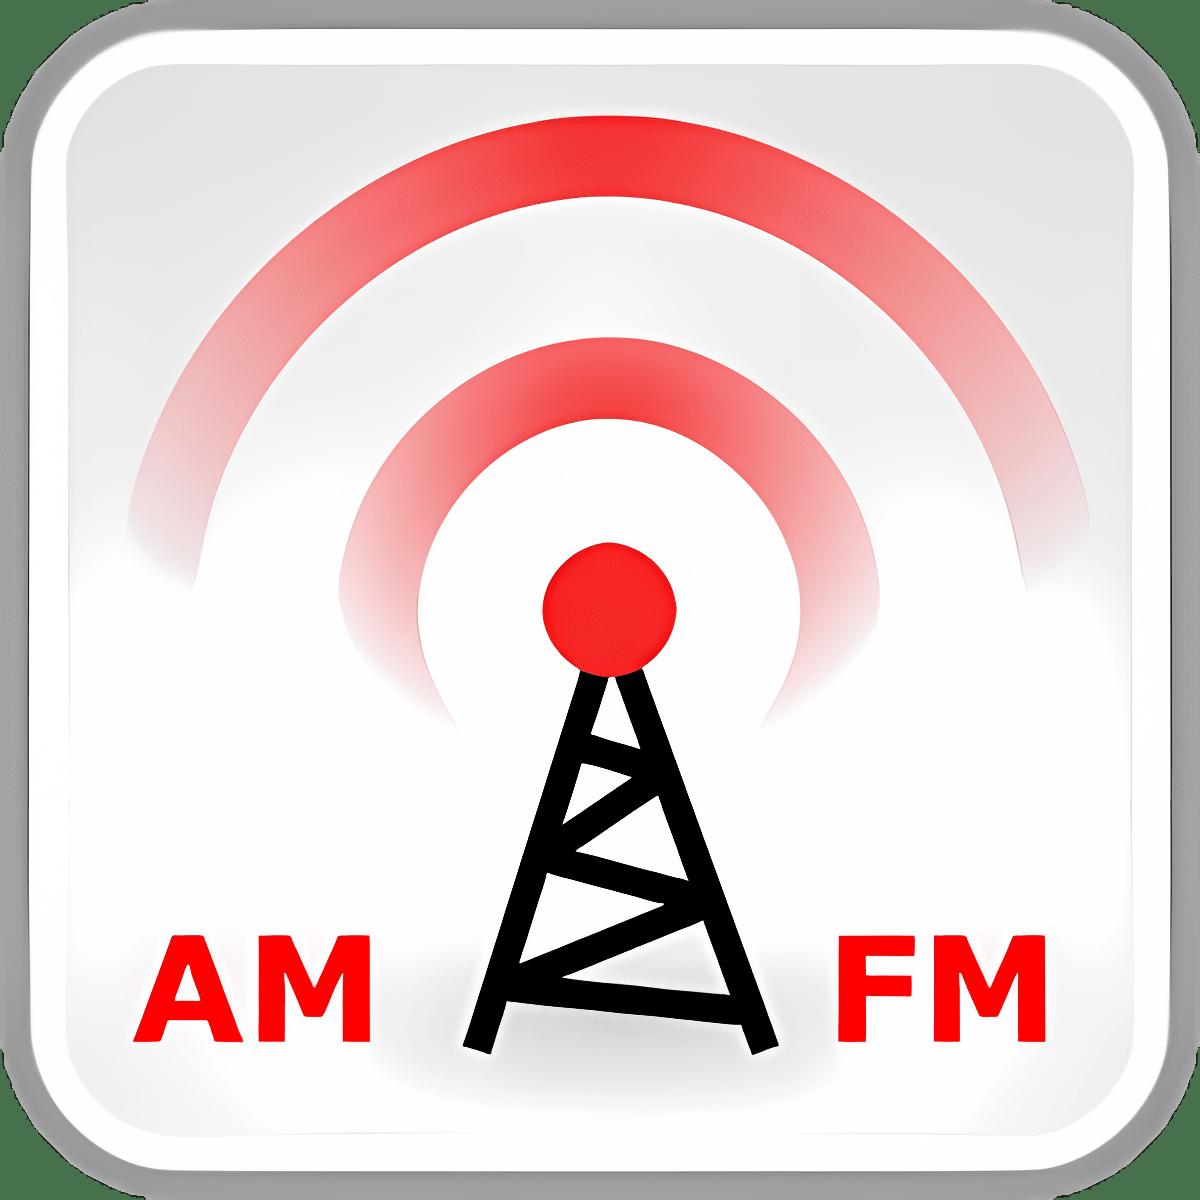 AM FM Radio Free